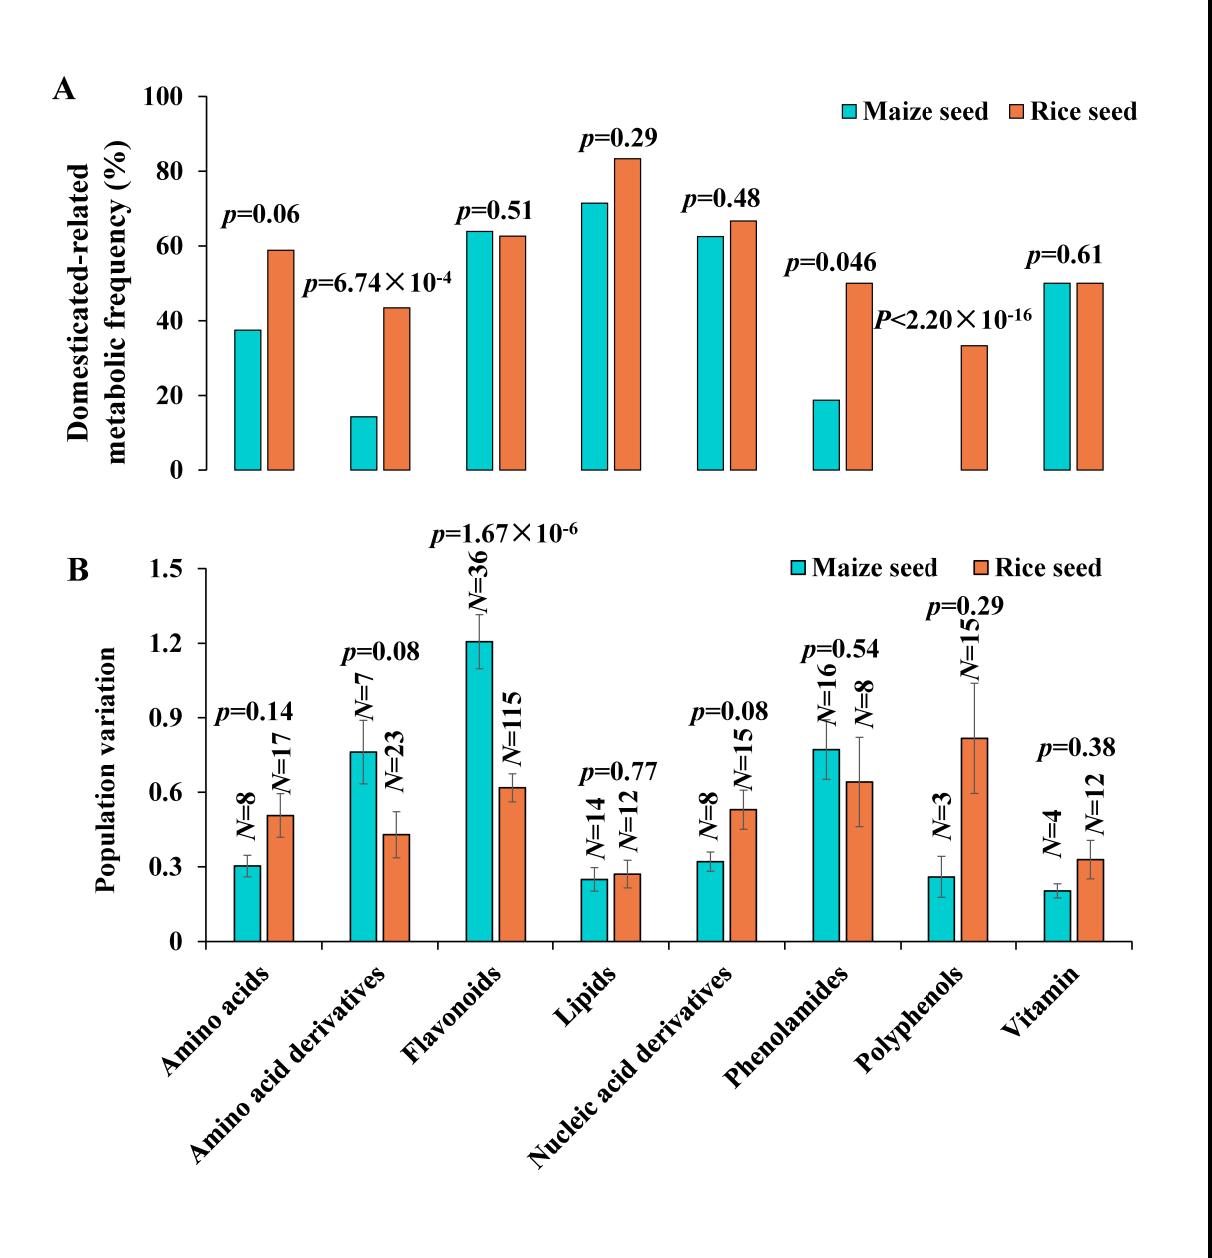 图2 玉米和水稻种子代谢物的差异